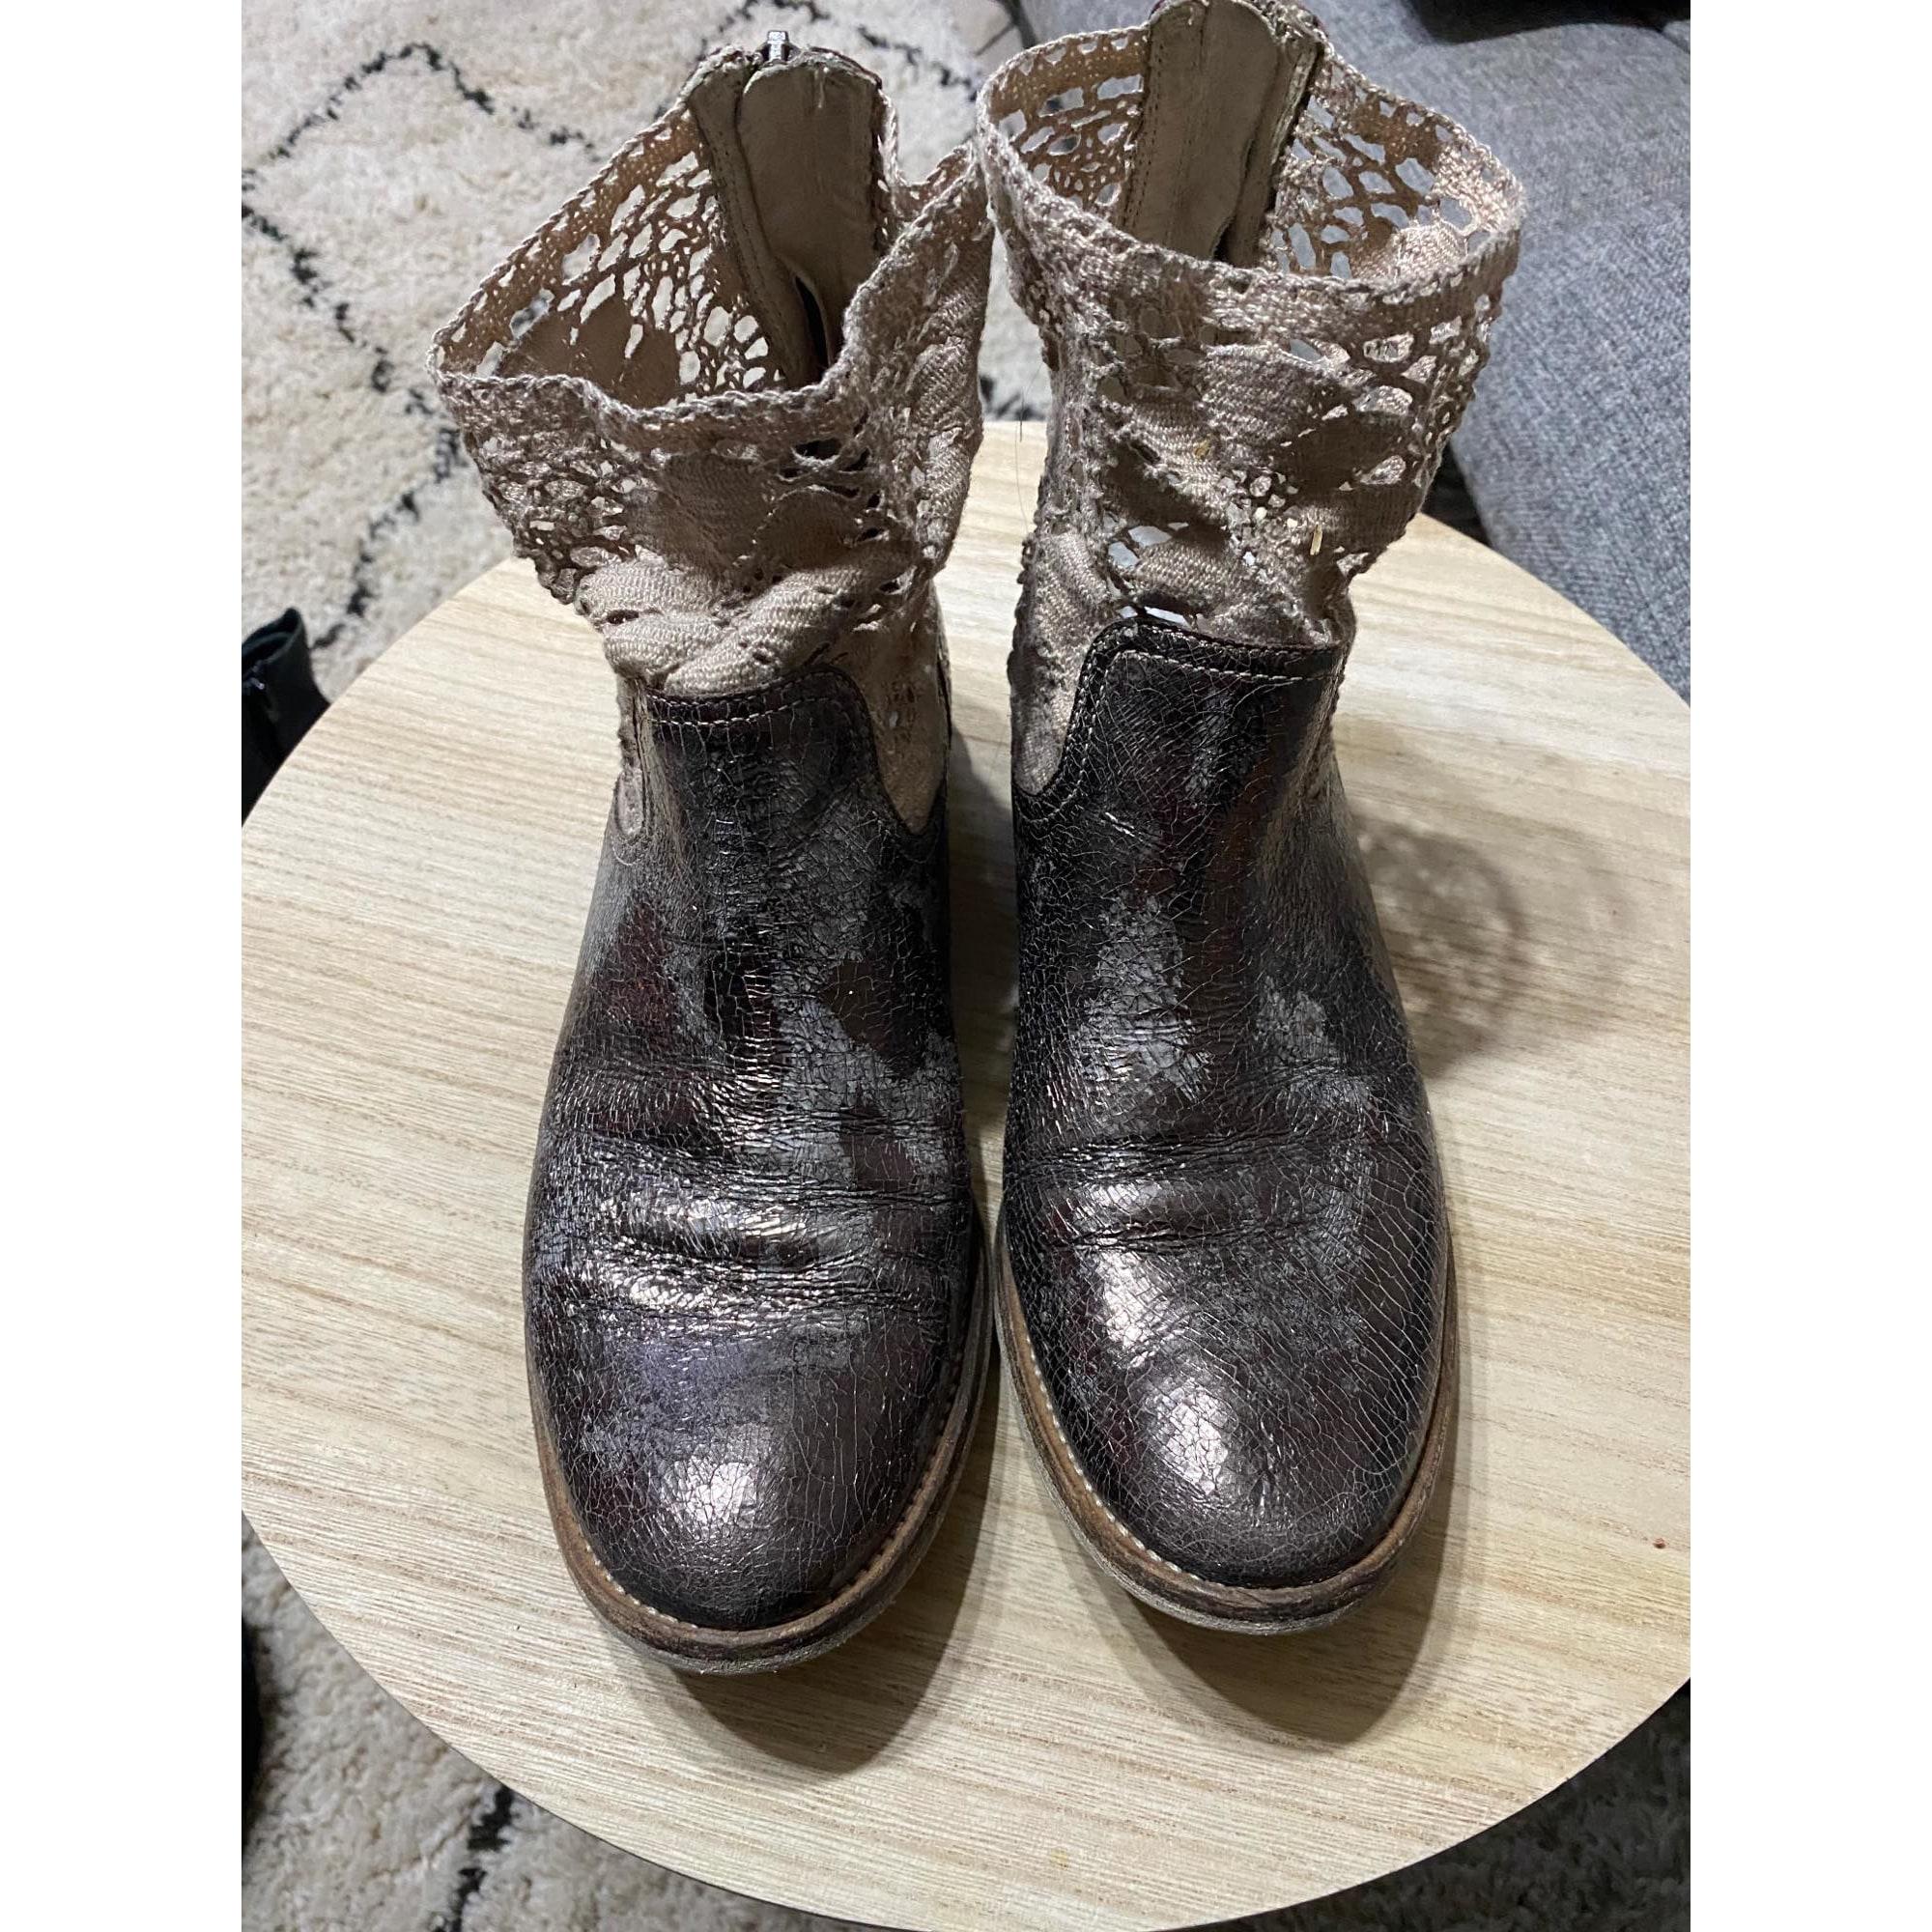 Bottines & low boots plates PEPEROSA Doré, bronze, cuivre